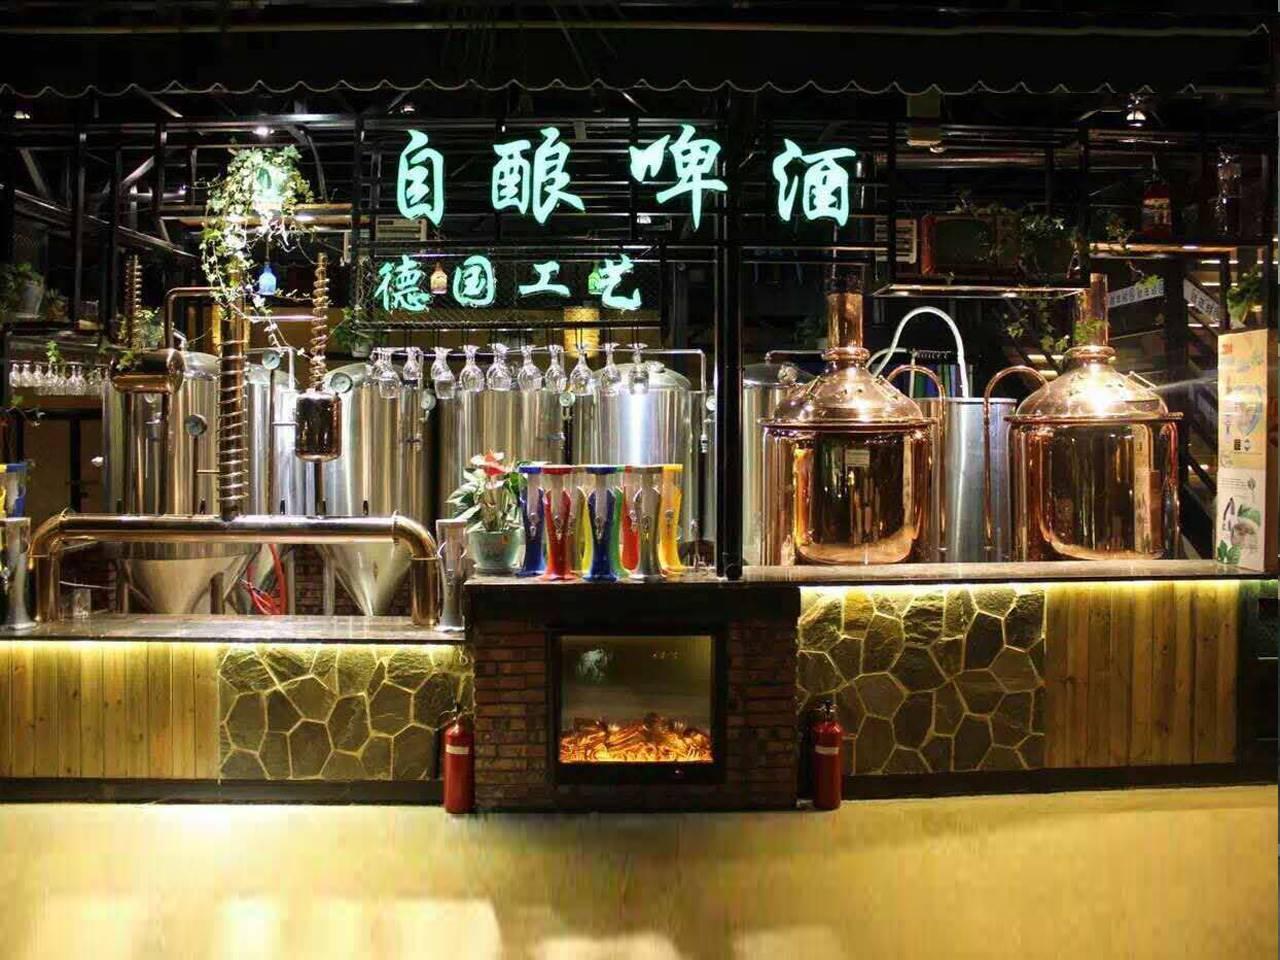 苏州精酿啤酒连锁招商公司-你能推荐一款精酿啤酒加入吗?-大麦丫-精酿啤酒连锁超市,工厂店平价酒吧免费加盟